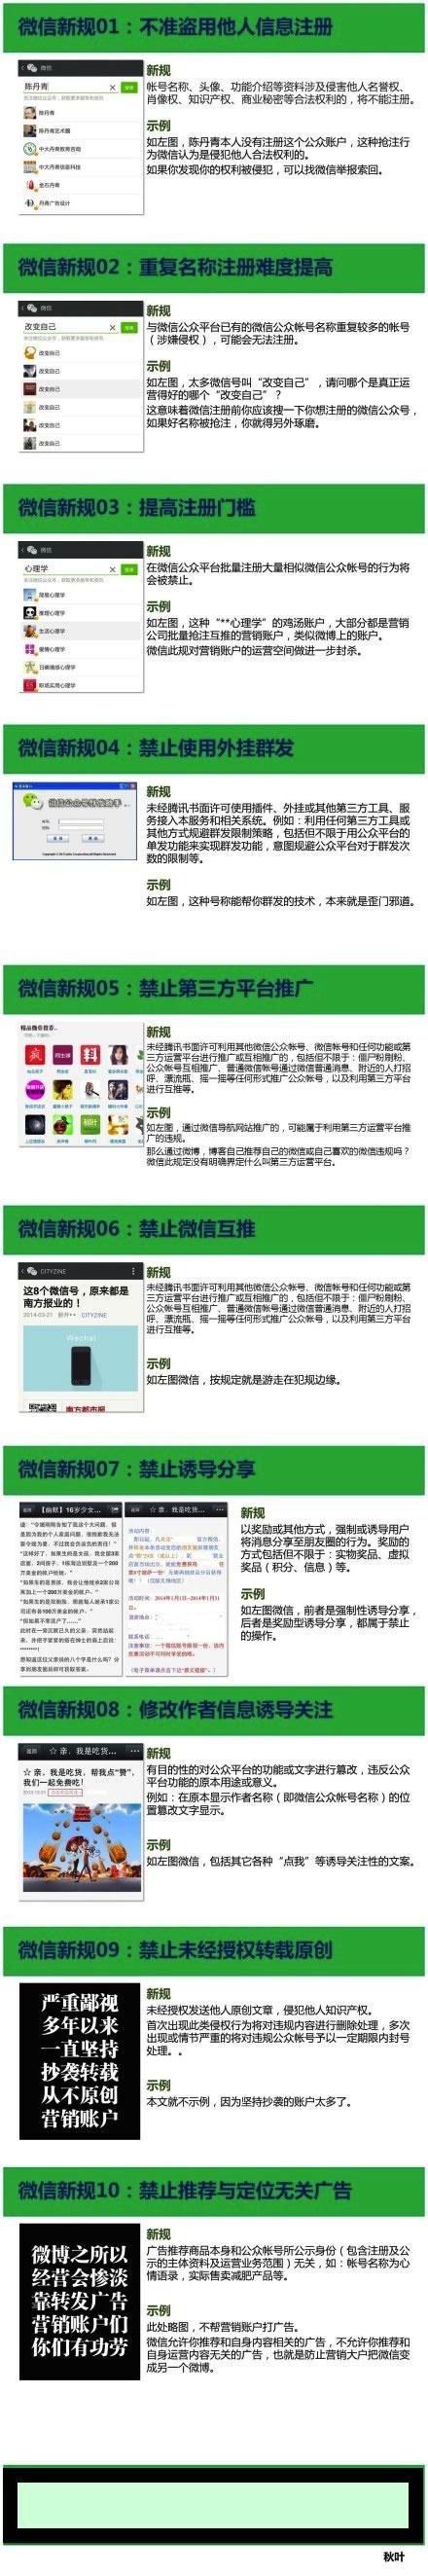 溧阳微信商家请注意:微信发布最新公众平台运营规范